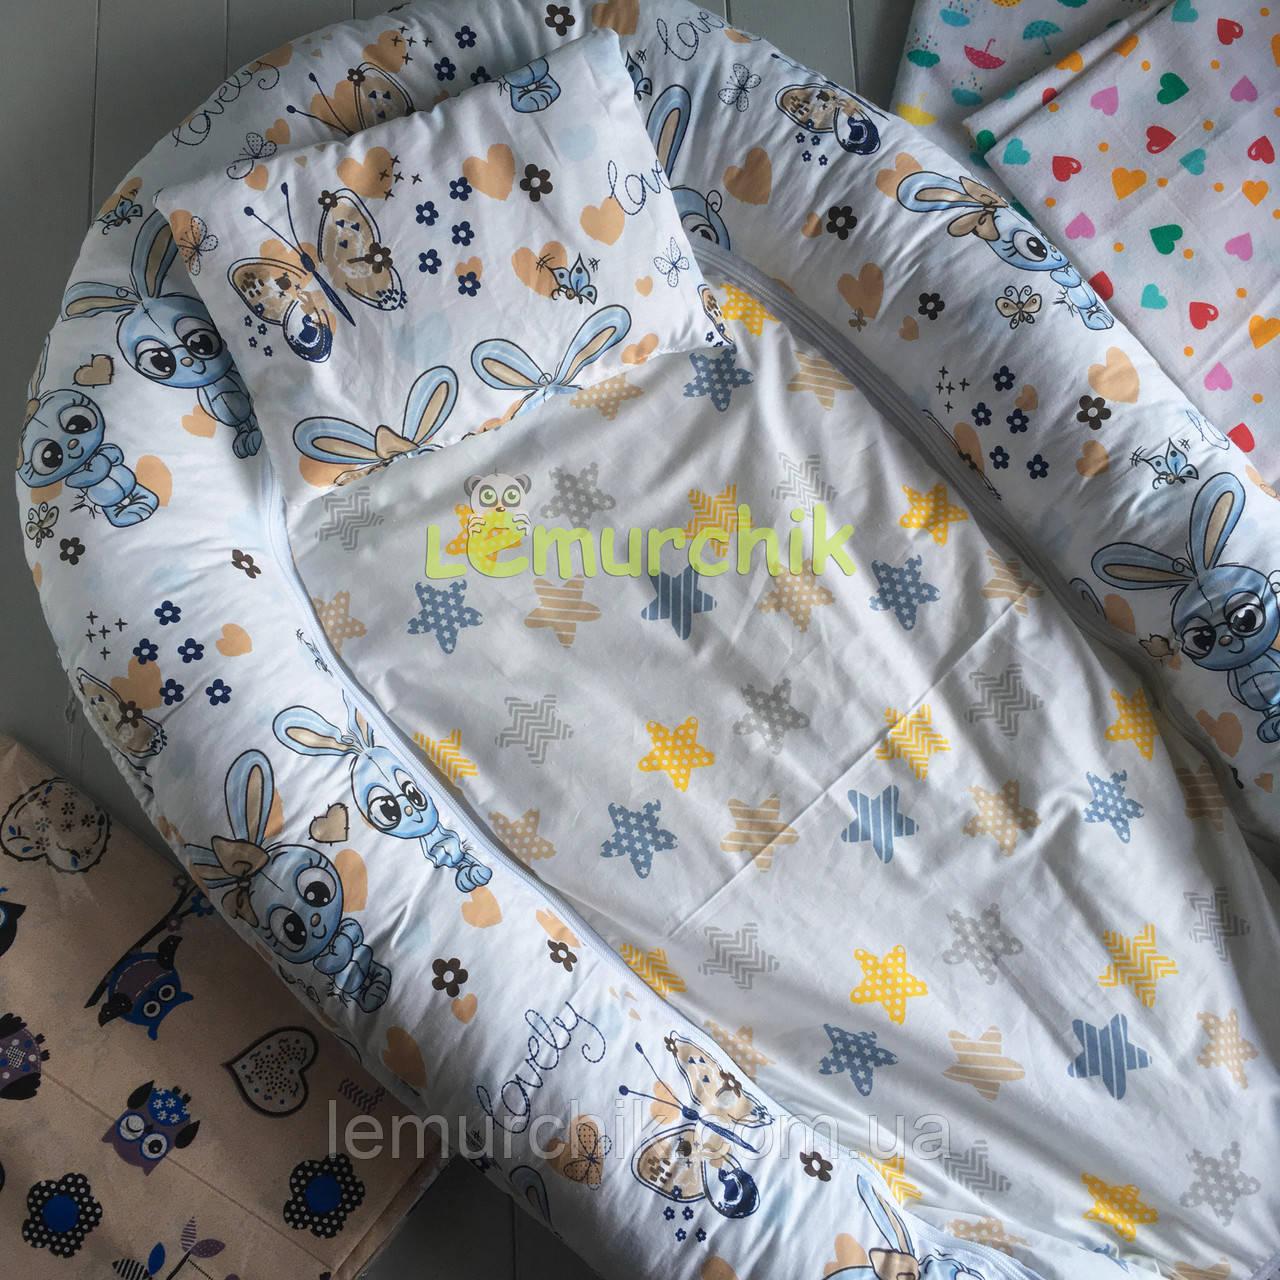 Гніздо-кокон двостороннє 90Х45 см (подушка для вагітної, подушка для годування) +подушка Зайчика/Зірки